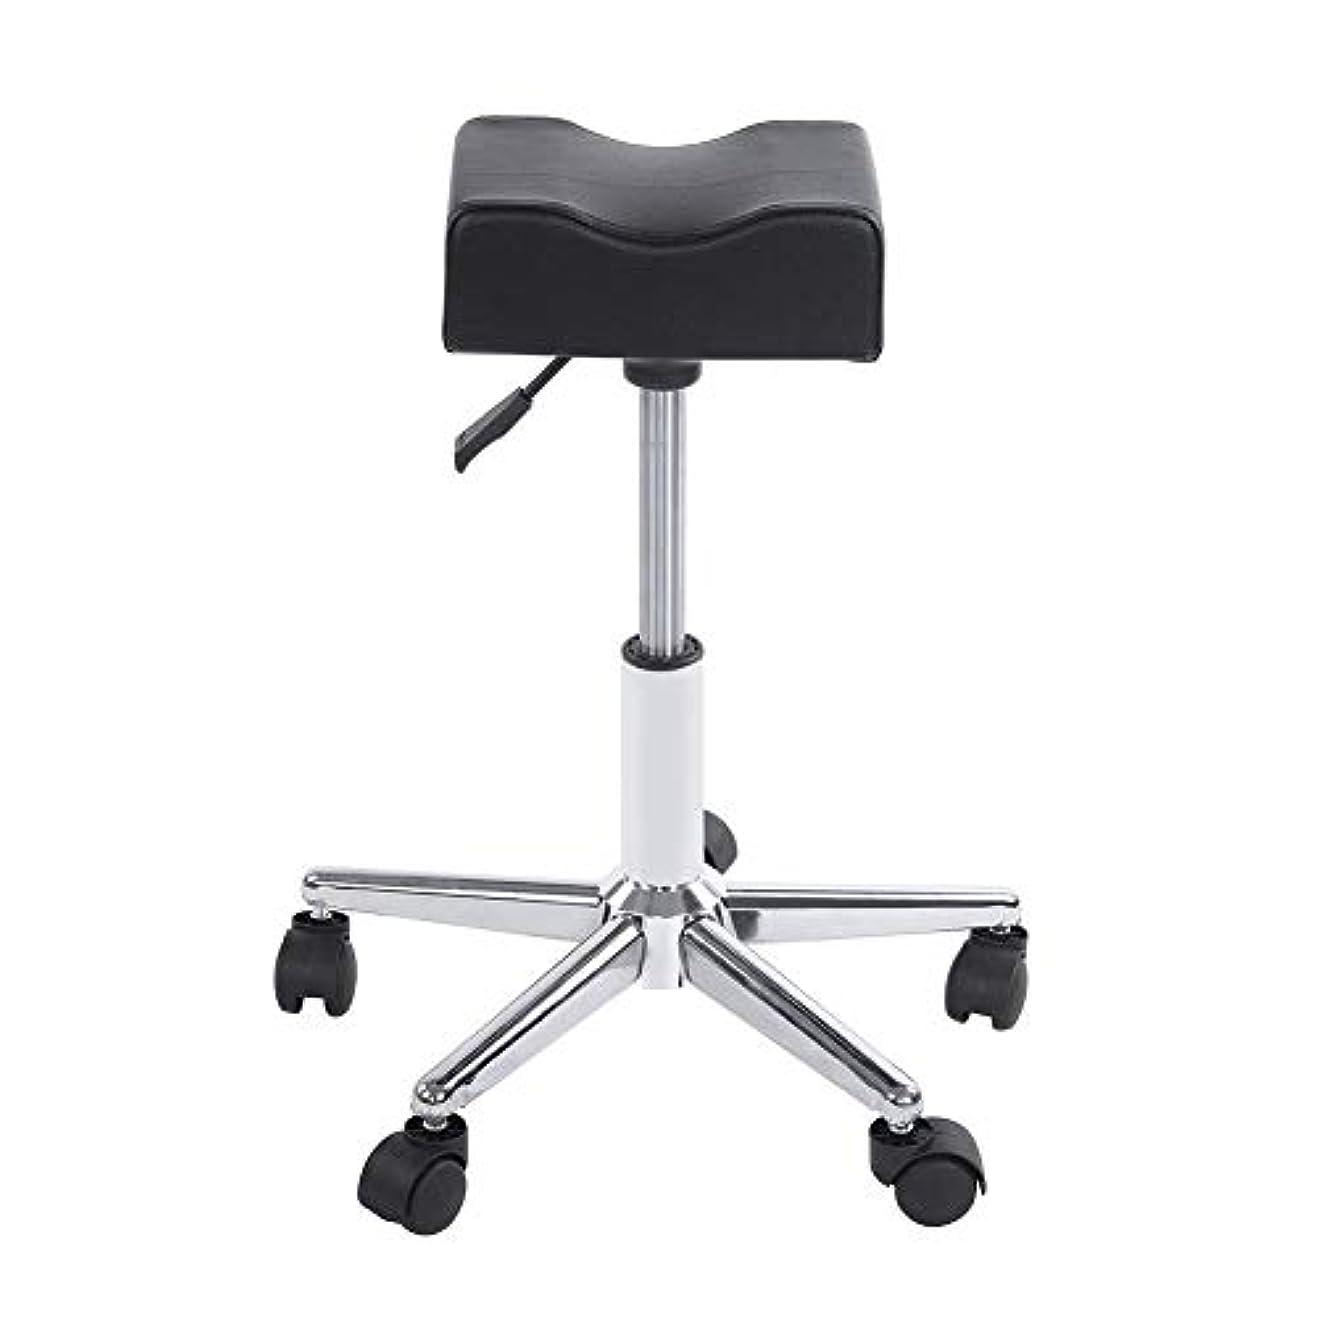 エンコミウムインカ帝国宿題ローリングスツール、高さ調節可能な回転椅子ネイルショップスツールチェア、サロンマッサージ、タトゥー、スパ用の快適なPuレザークッションシート